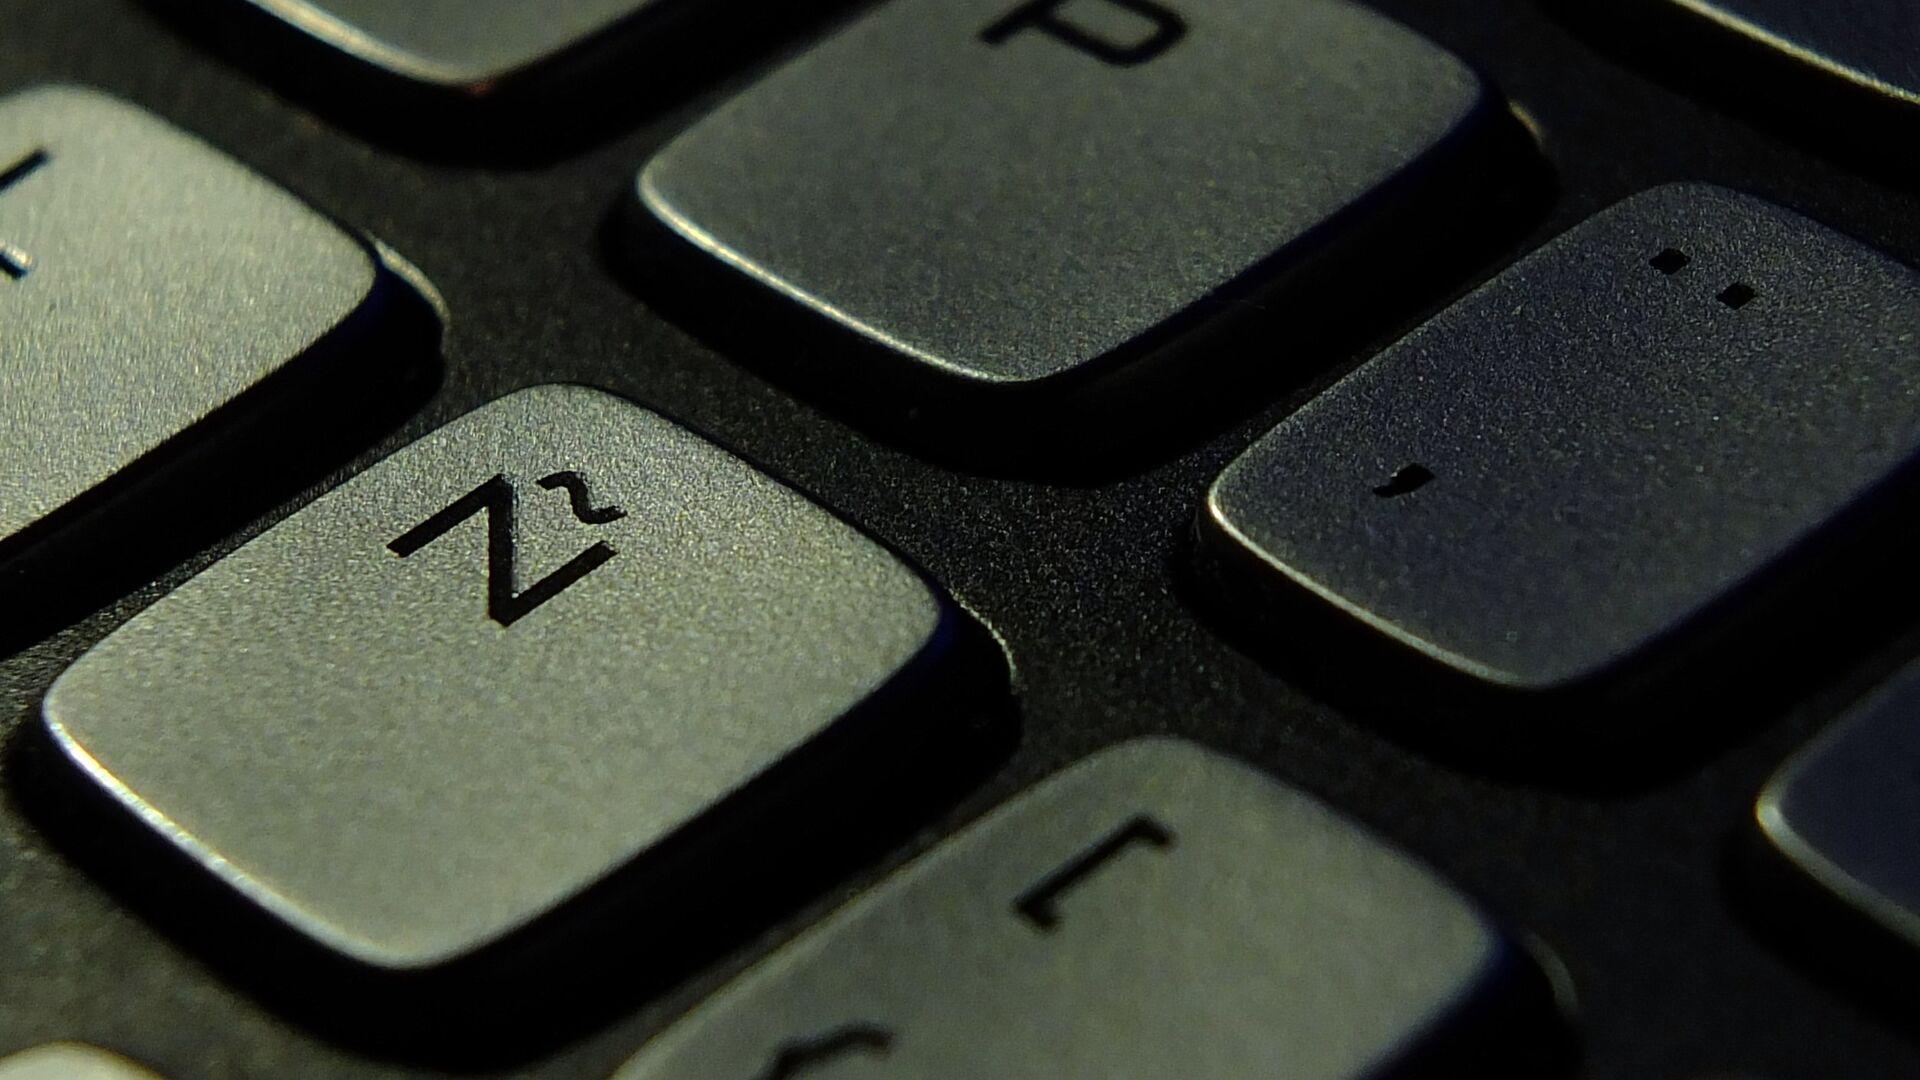 Letra 'ñ' en un teclado - Sputnik Mundo, 1920, 23.04.2021